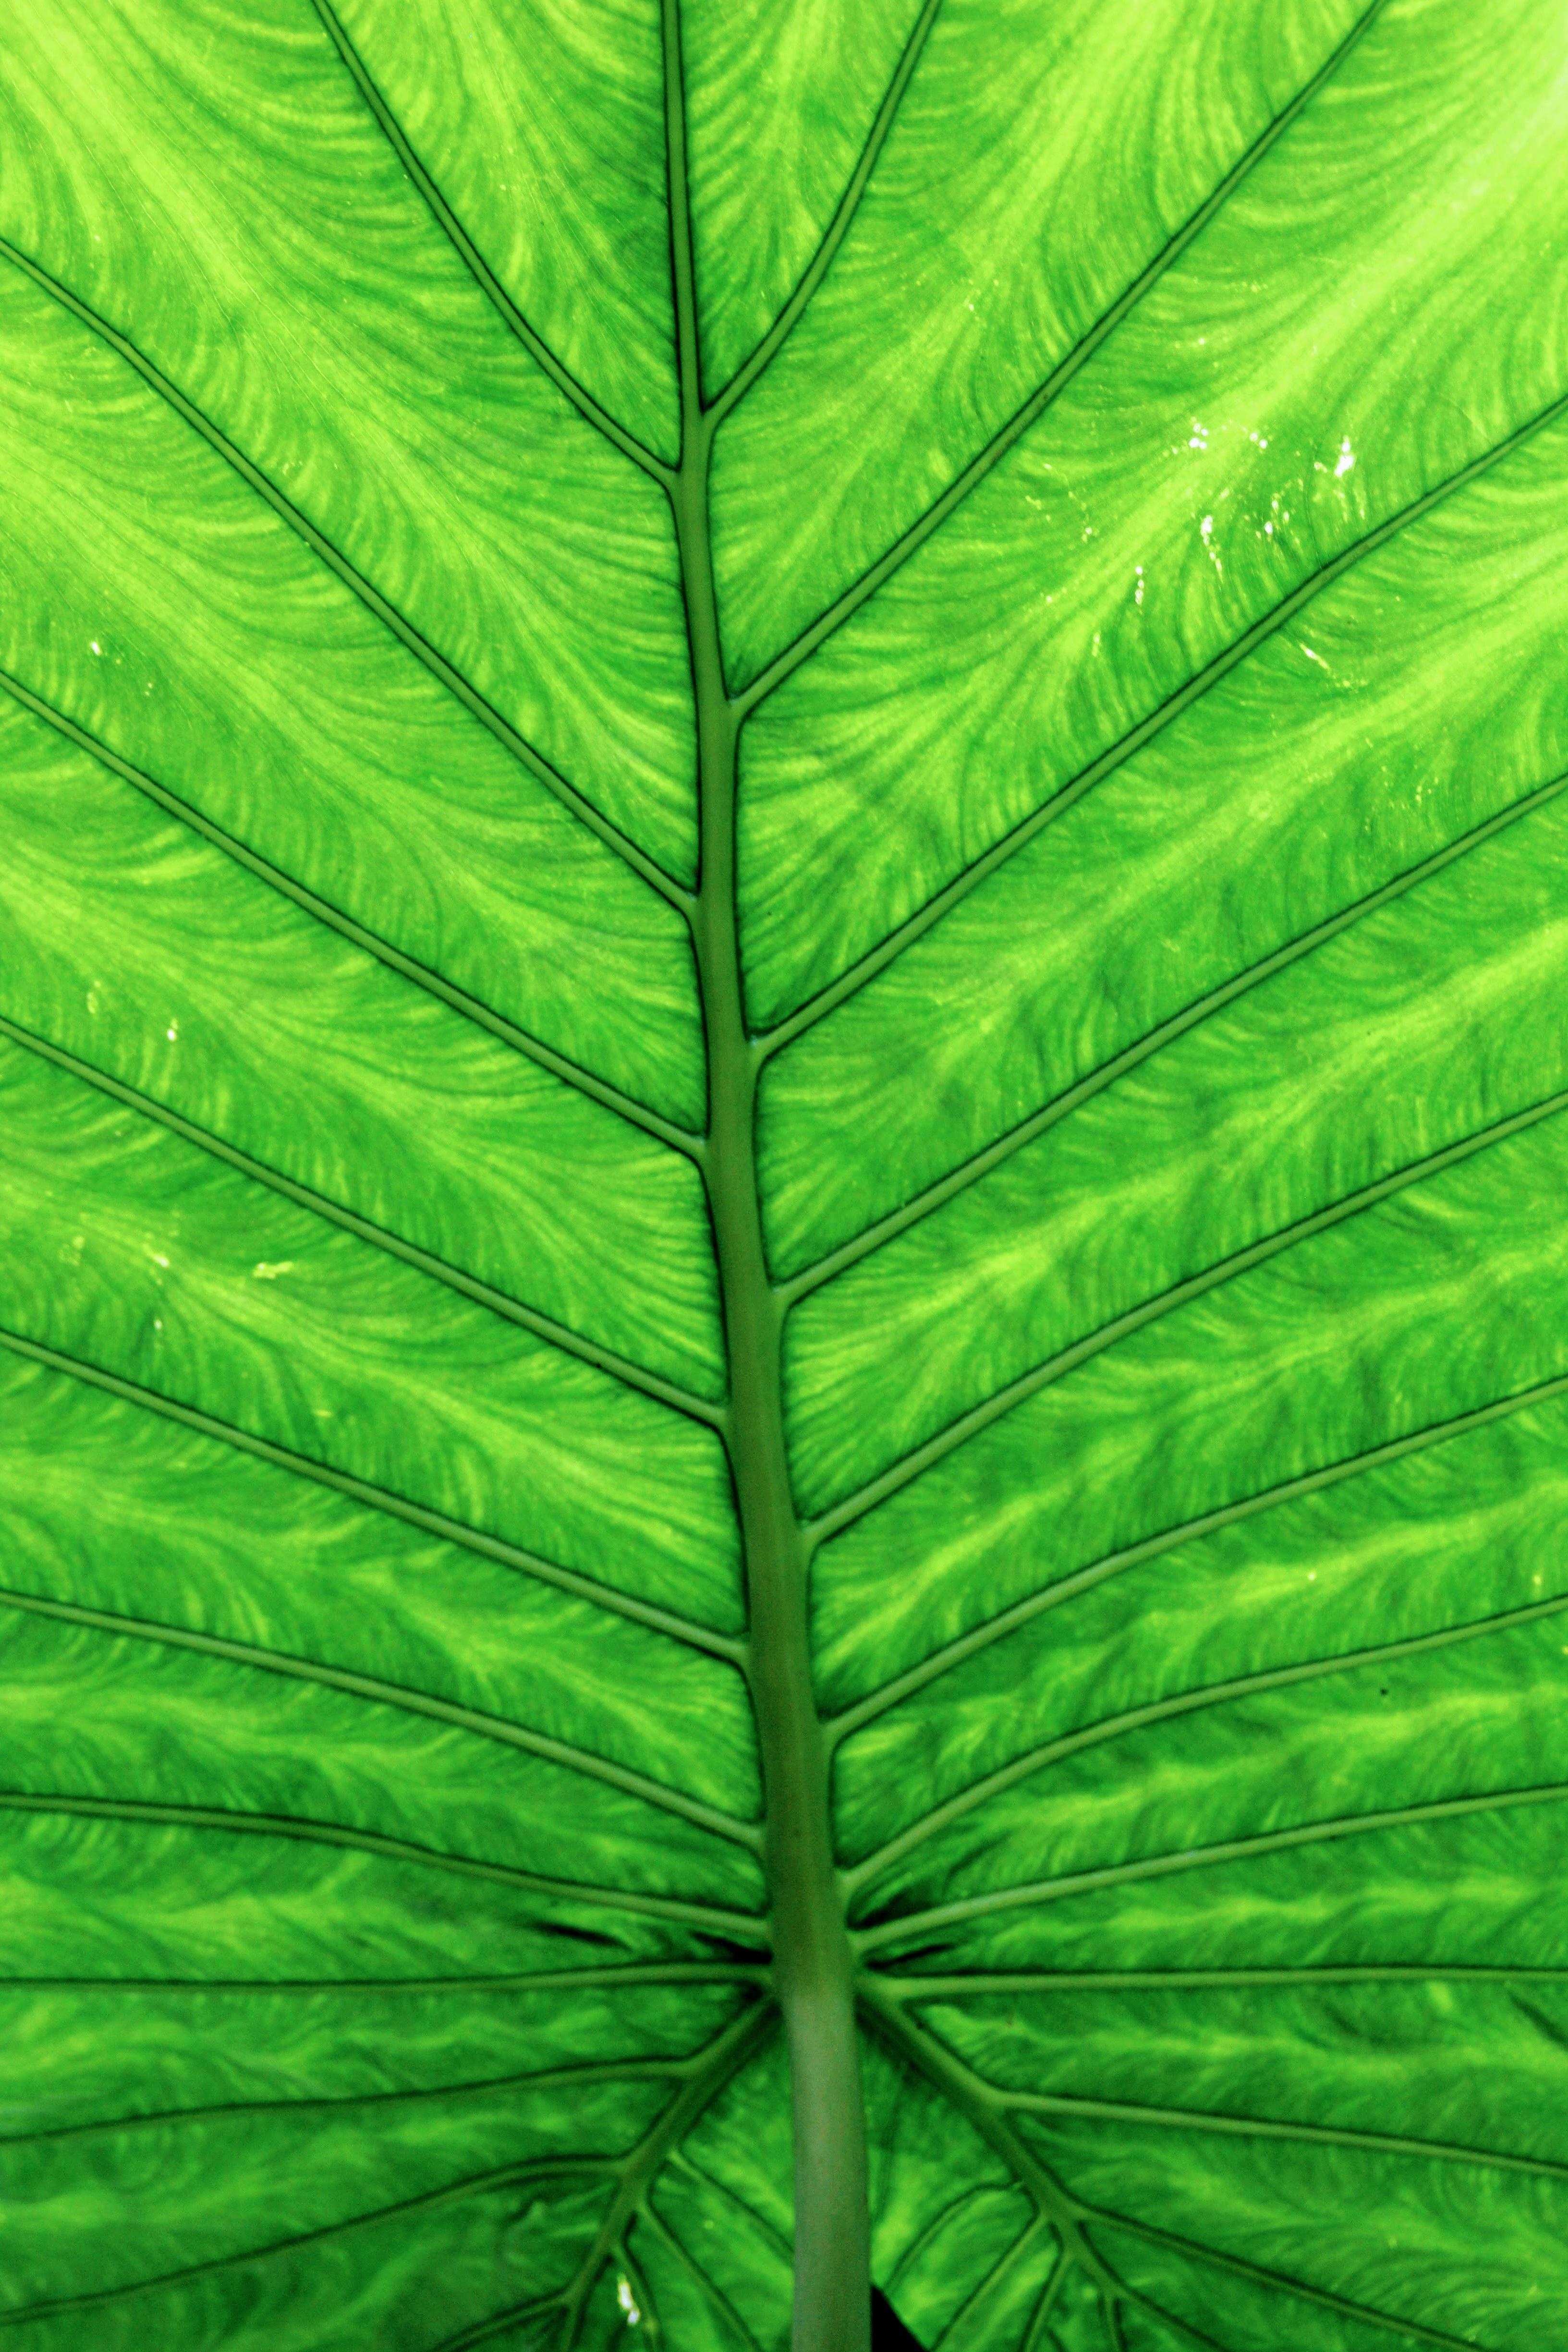 Free Images : chlorophyll, leaves, vegetation, large ...